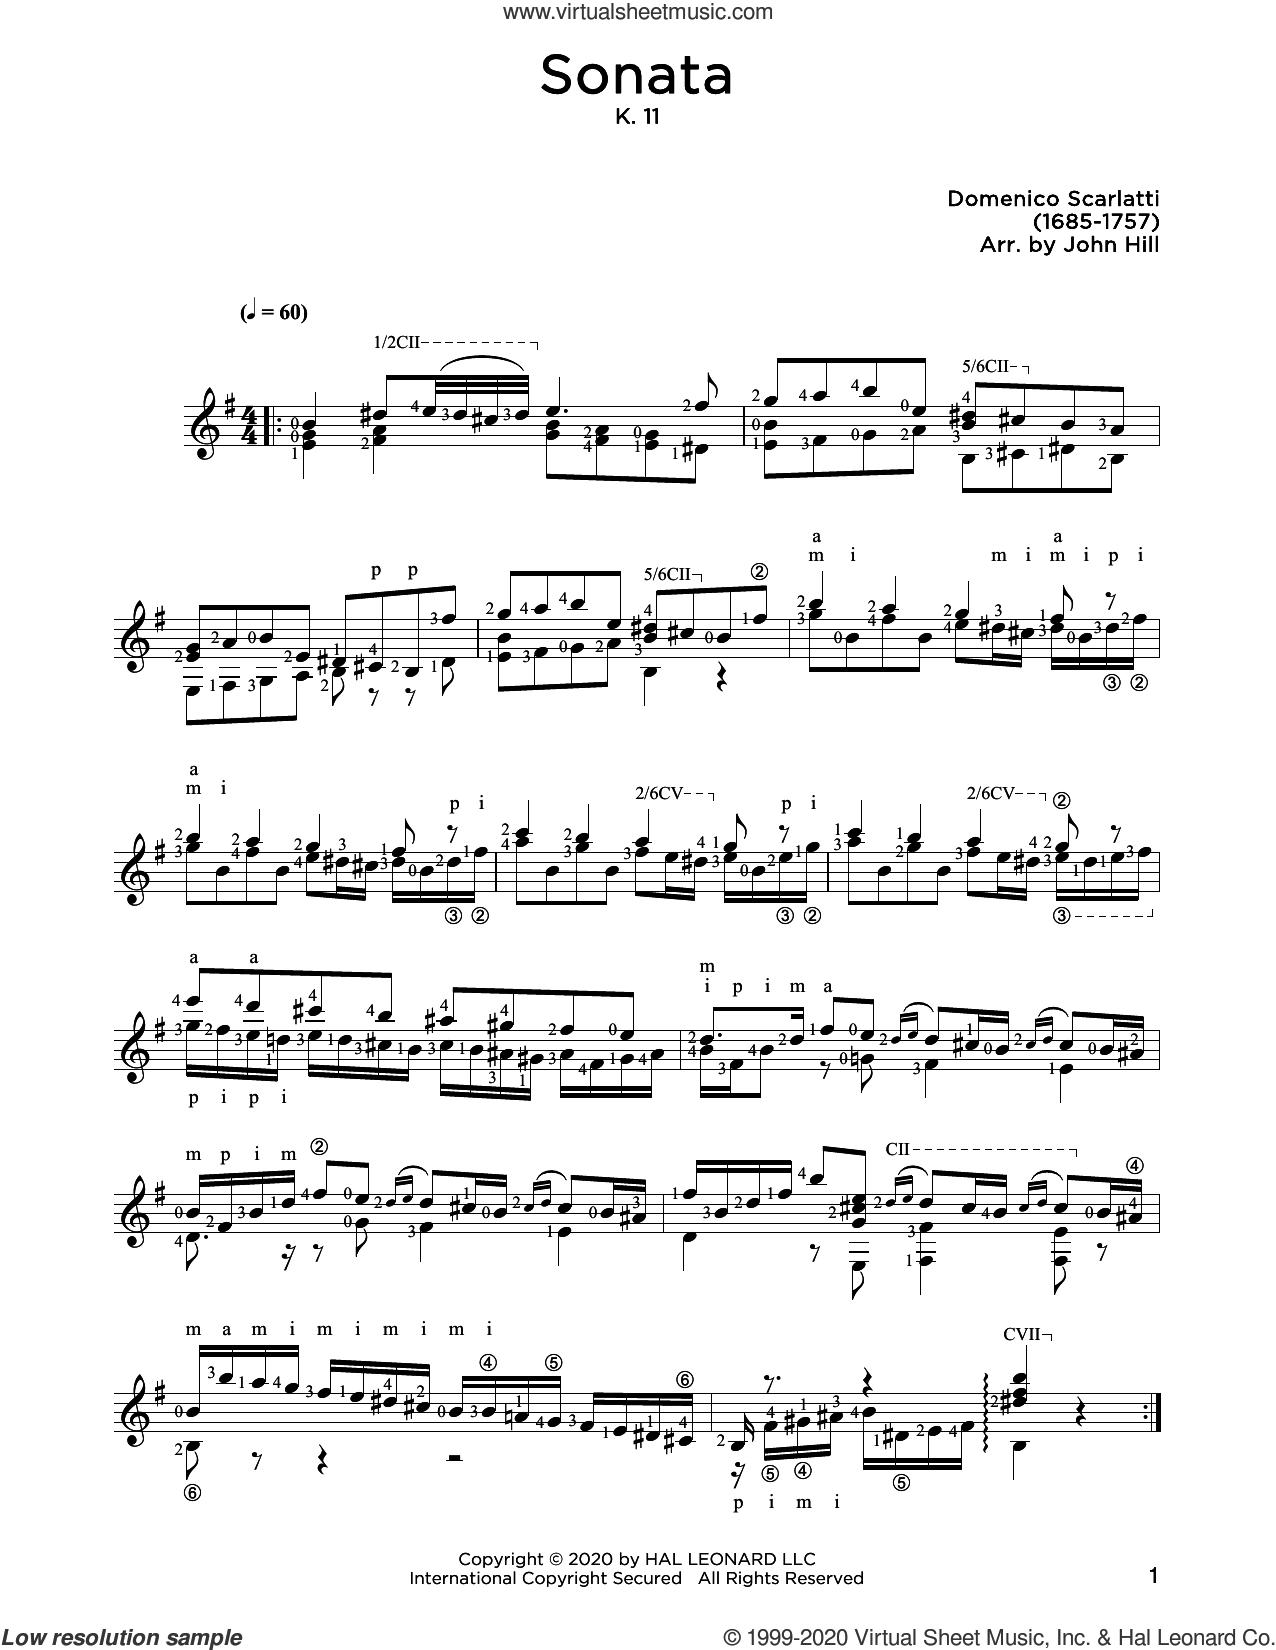 Sonata, L. 352 sheet music for guitar solo by Domenico Scarlatti and John Hill, classical score, intermediate skill level